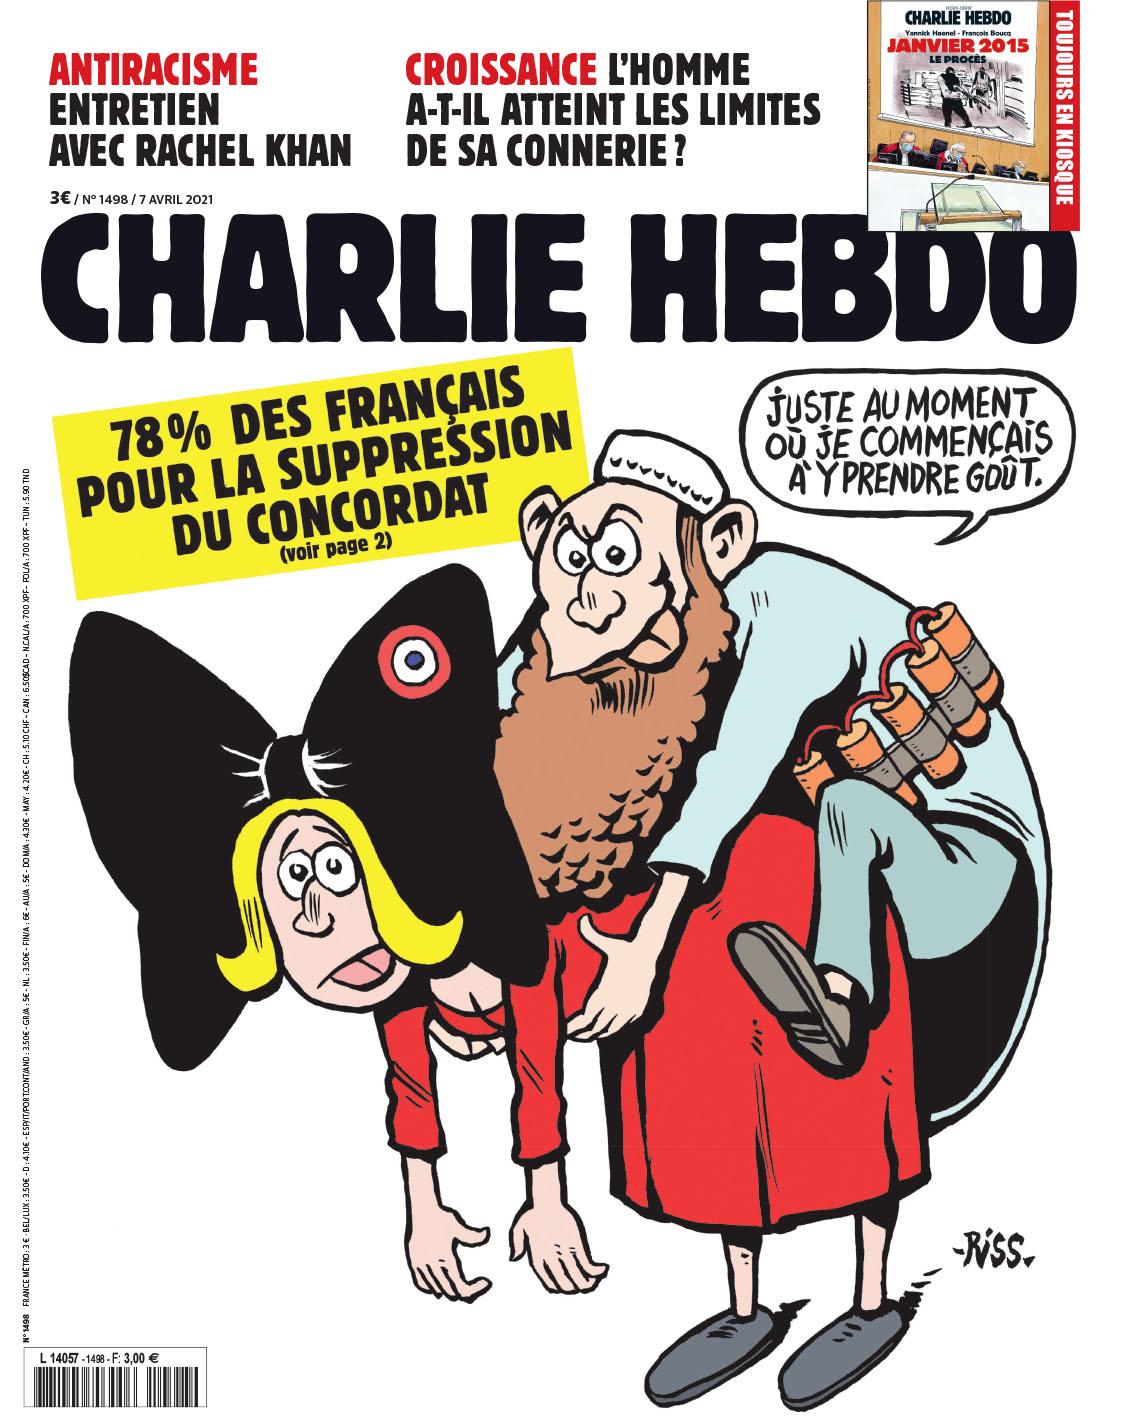 Achat En Ligne Charlie Hebdo : achat, ligne, charlie, hebdo, Editorial, Riss:, Those, Charlie, Hebdo